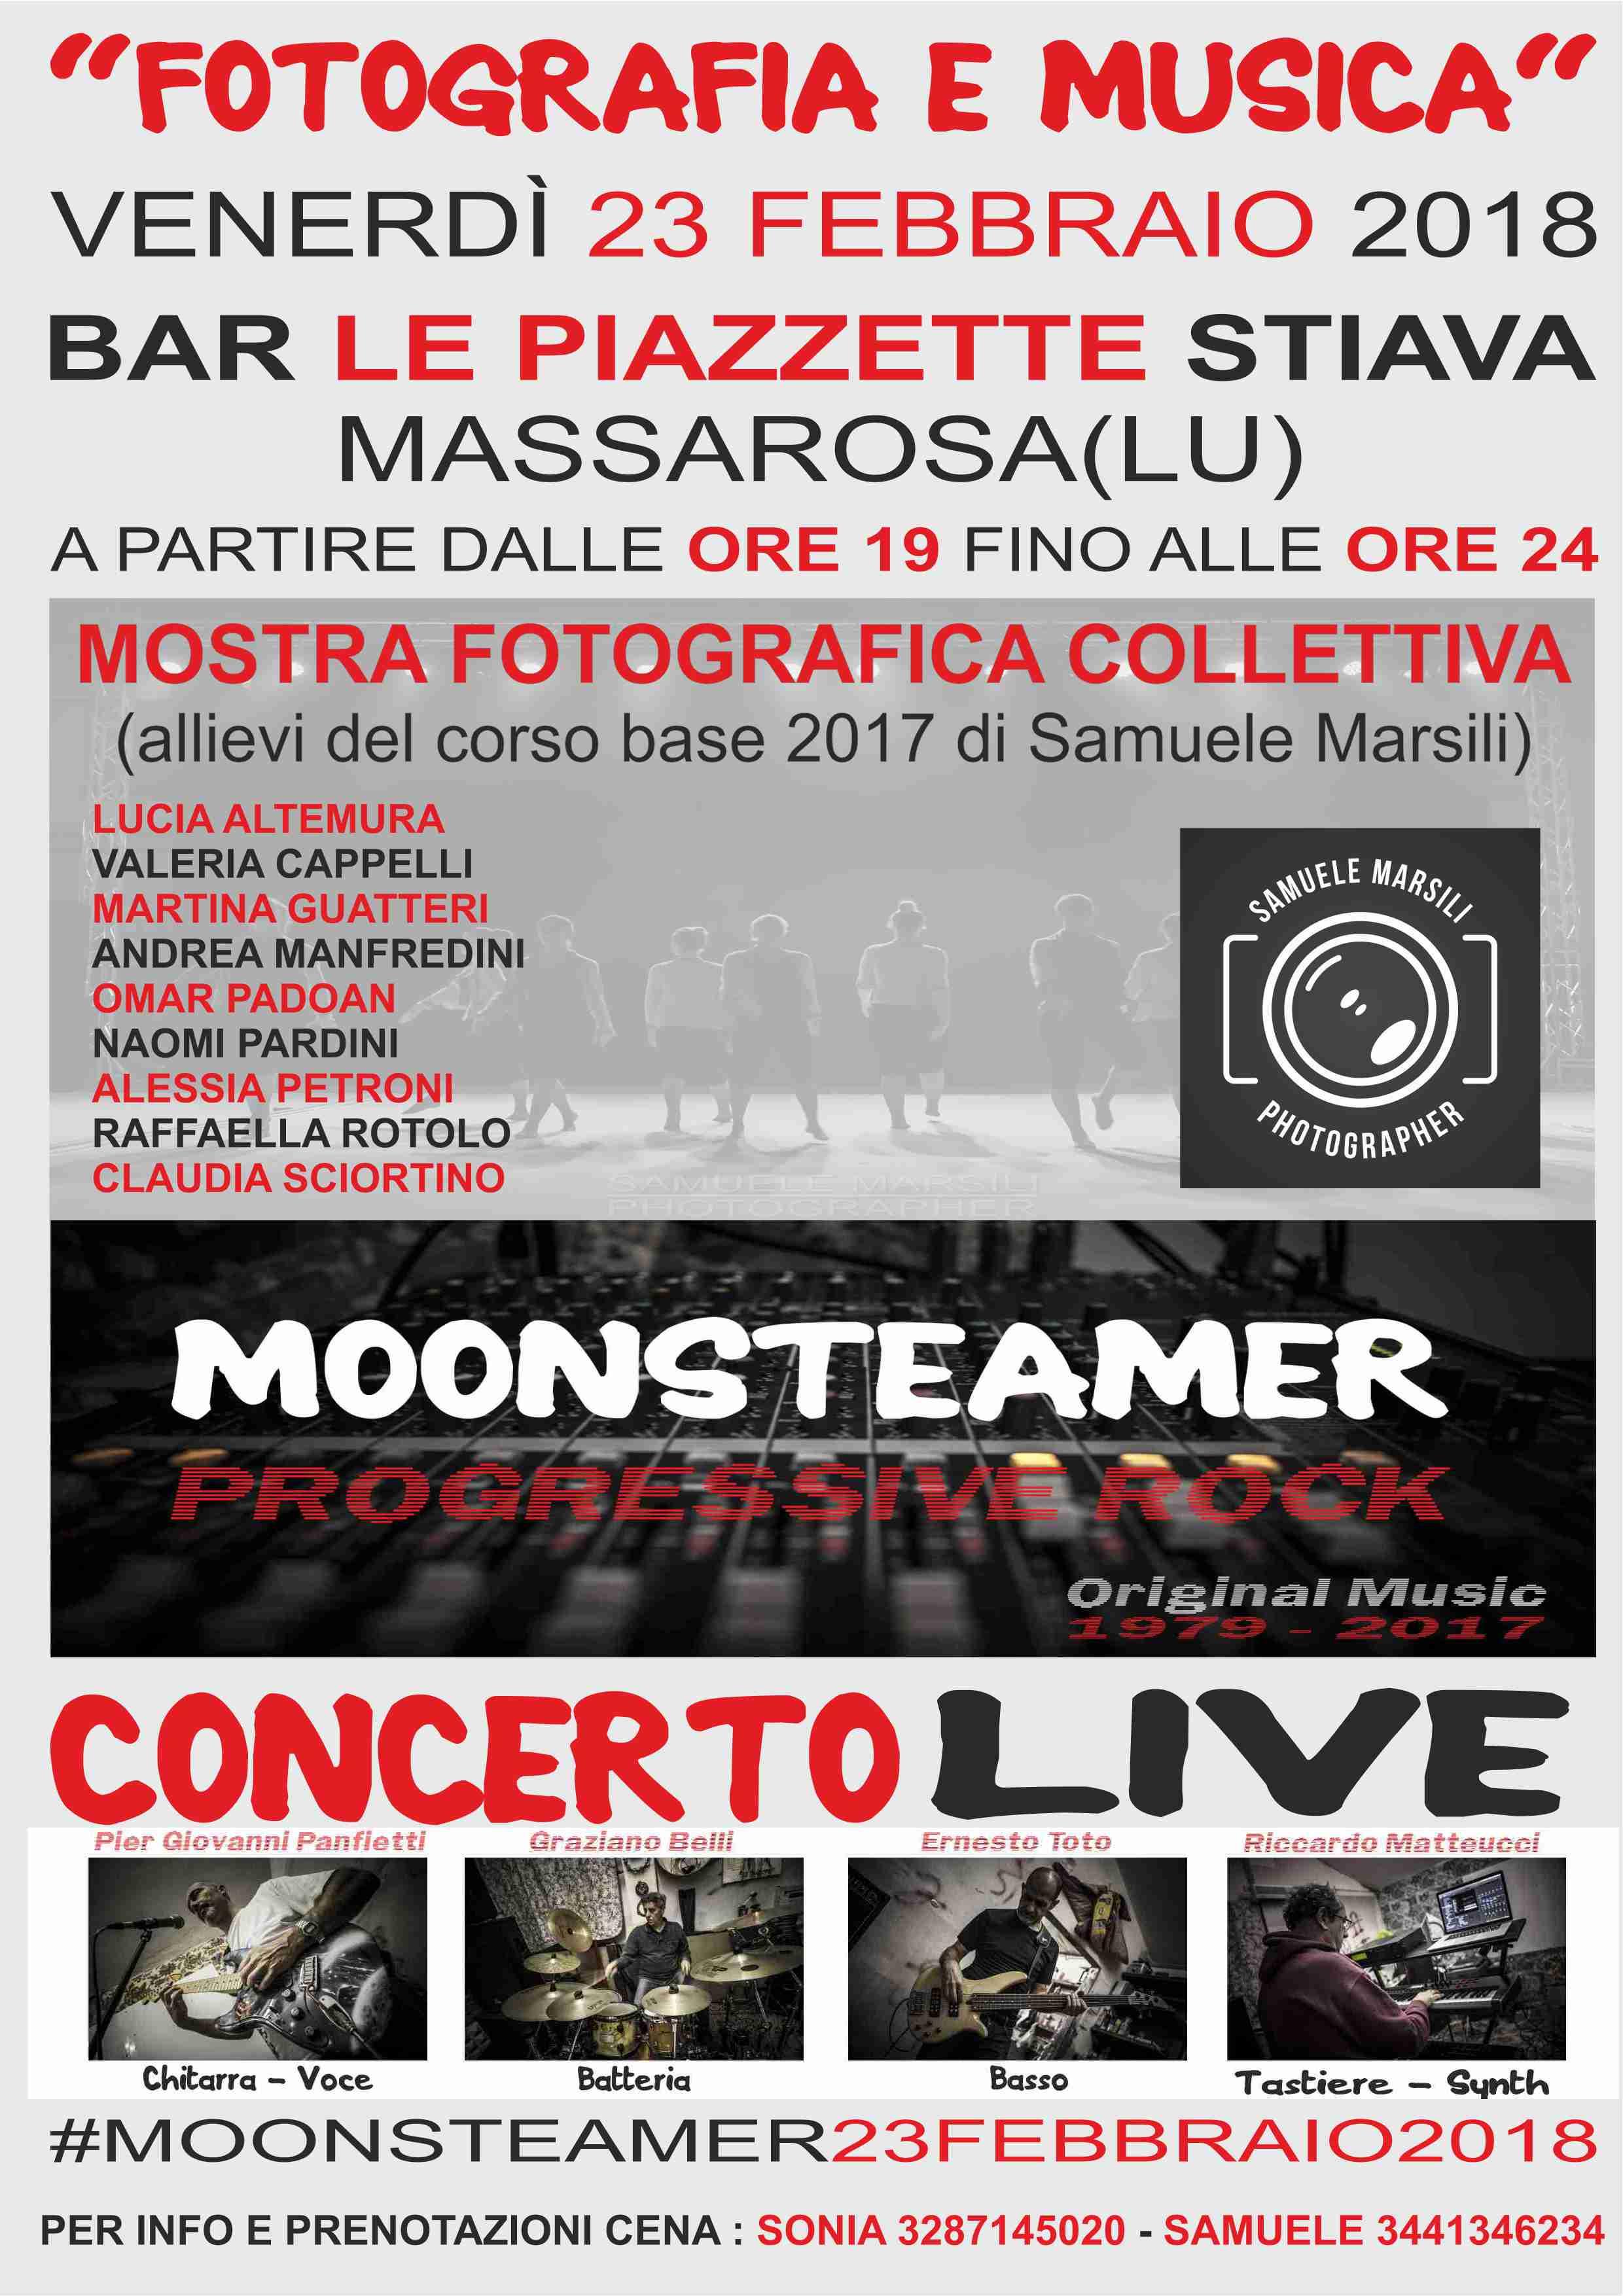 Mostra di fotografia e concerto Live dei Moonsteamer a Stiava